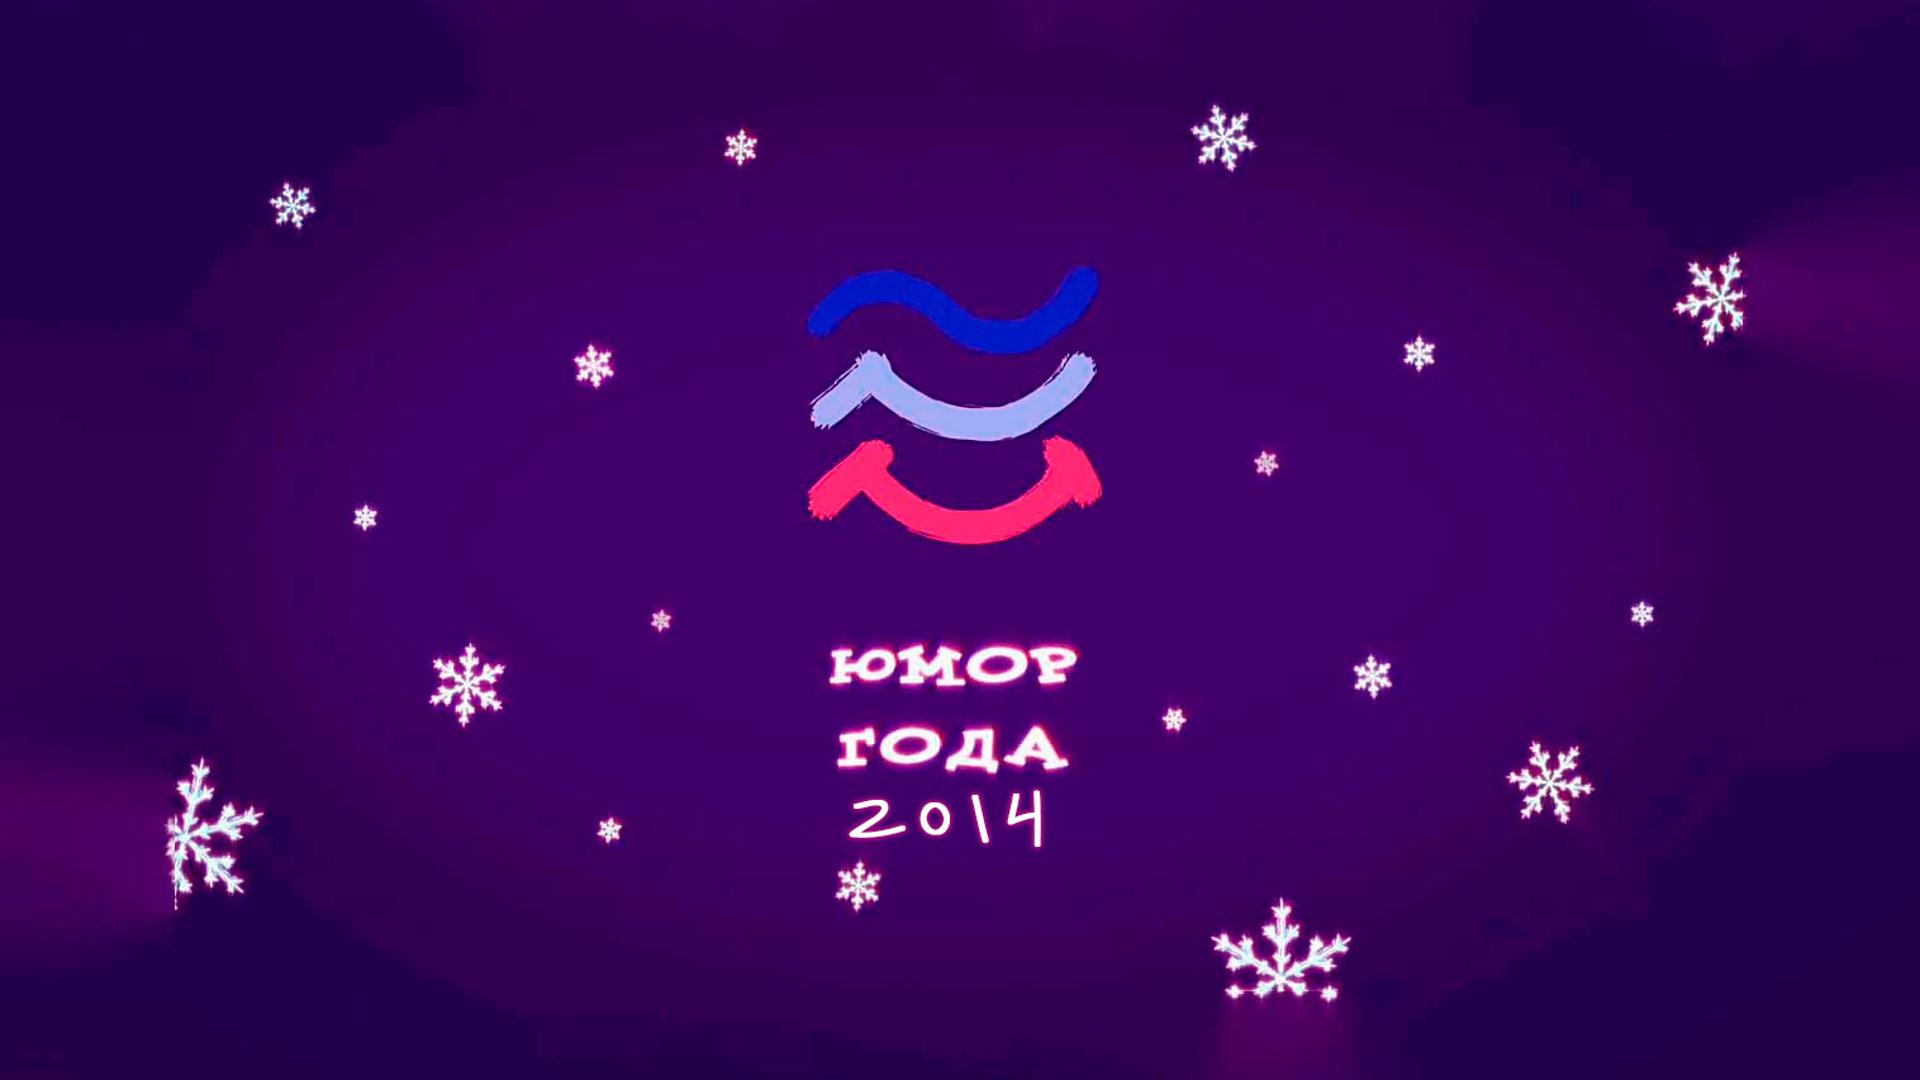 Юмор года-2014